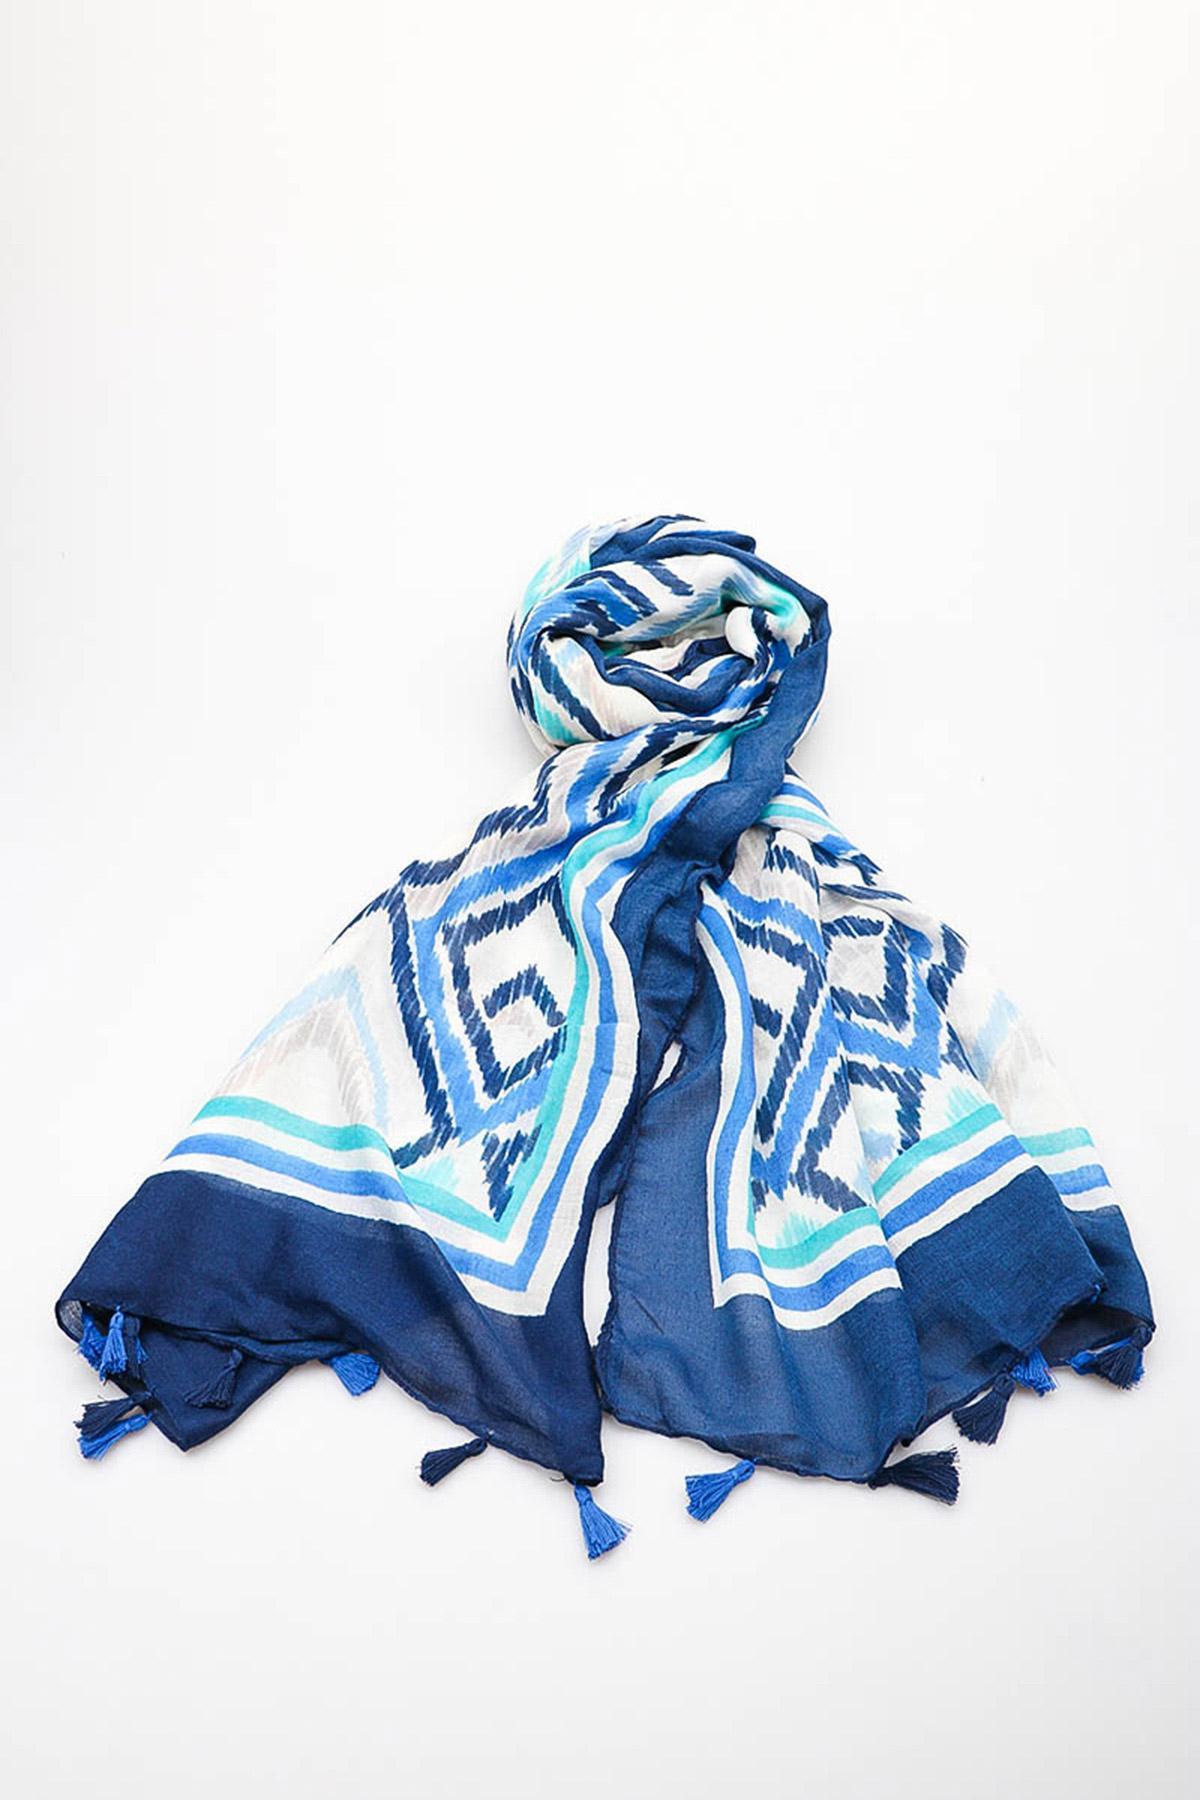 Écharpes Accessoires Bleu AJ MODA 3380 #c Efashion Paris